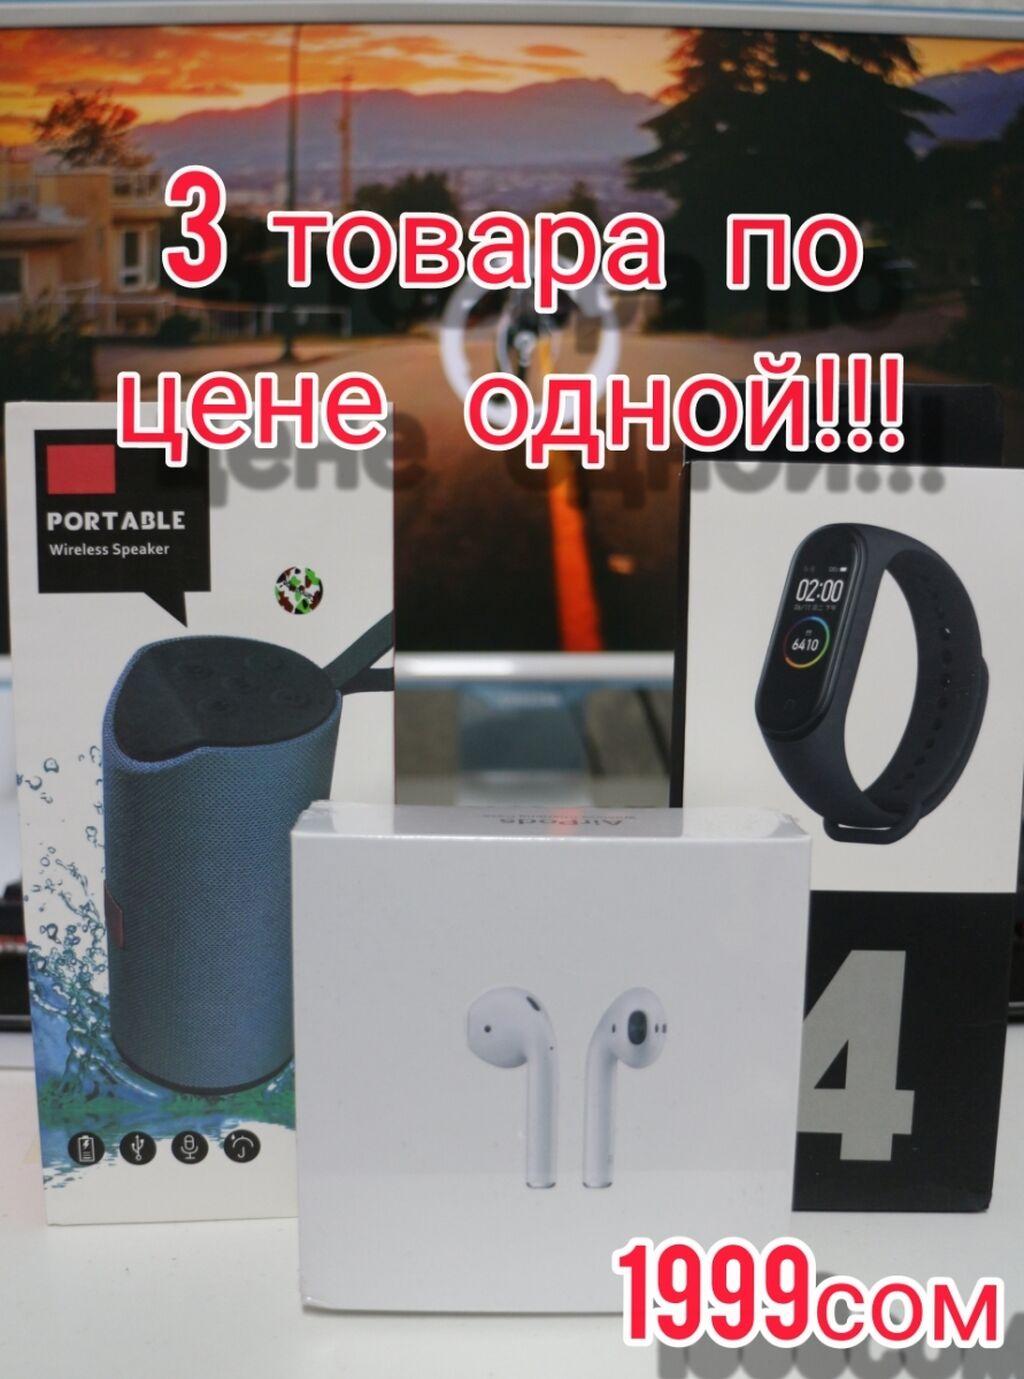 Другие аксессуары для мобильных телефонов: Другие аксессуары для мобильных телефонов